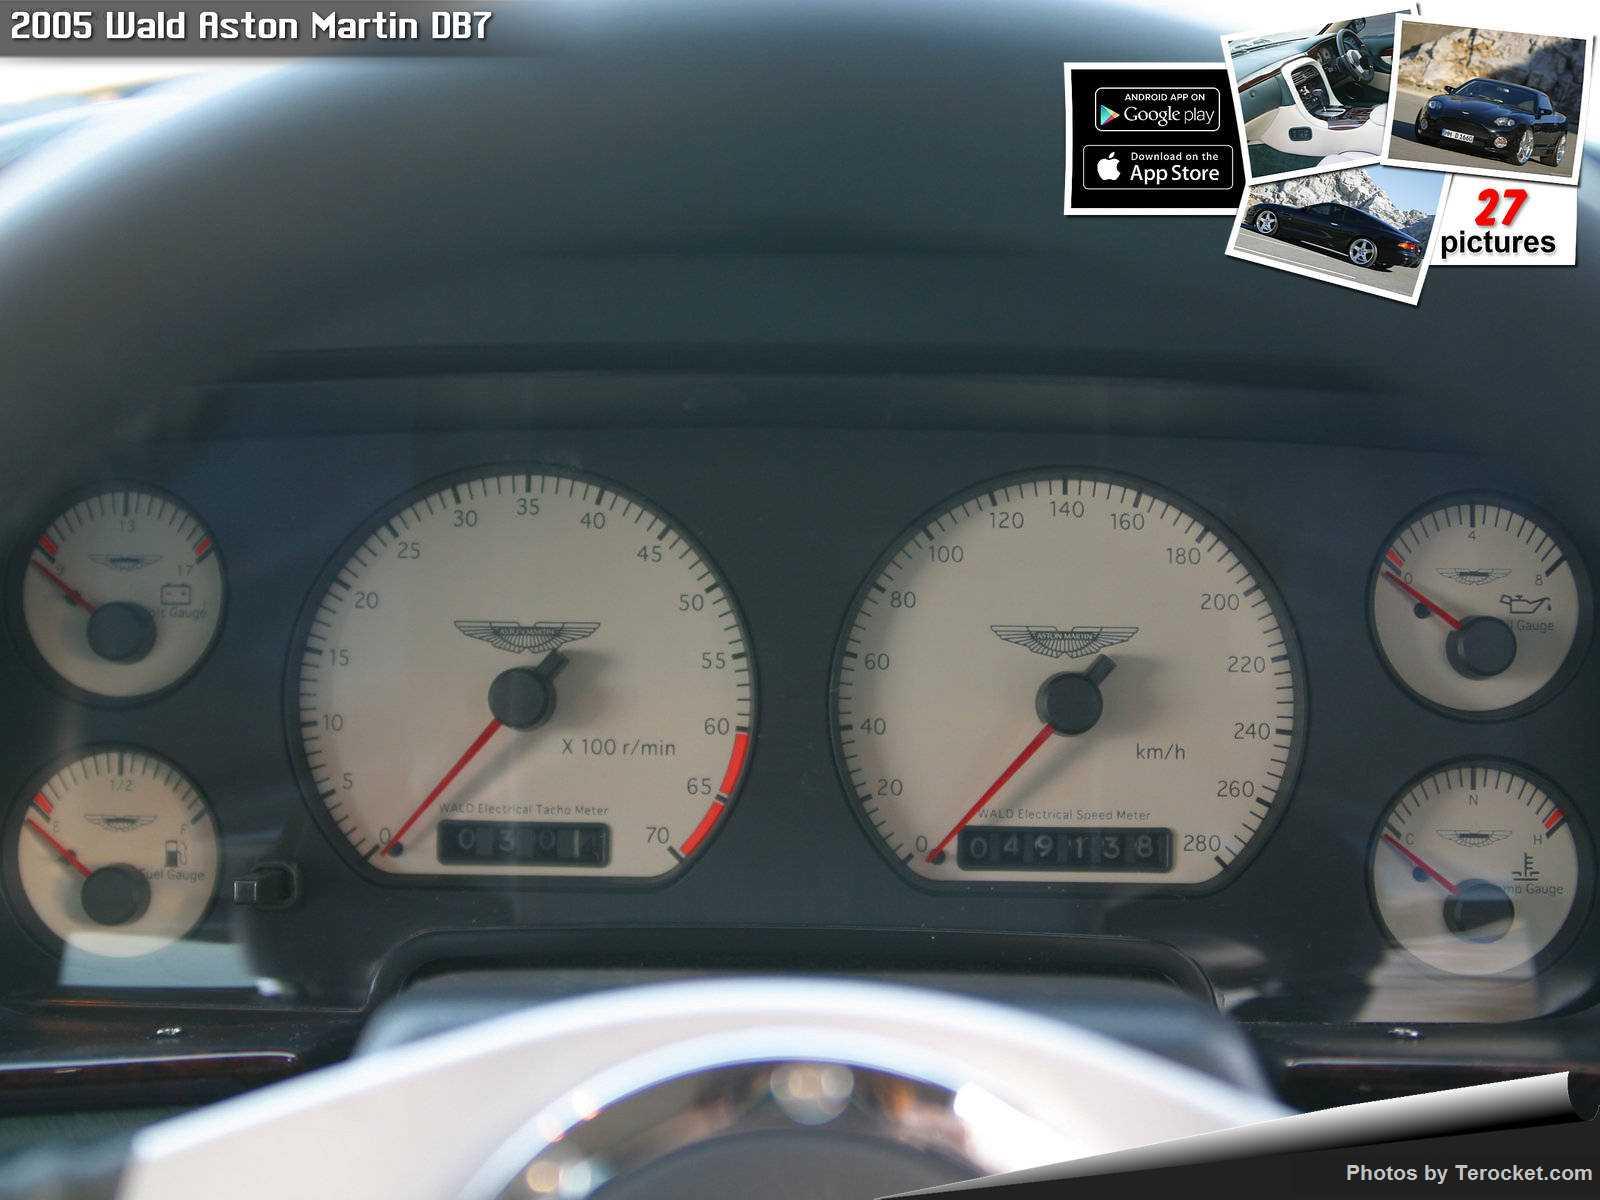 Hình ảnh xe độ Wald Aston Martin DB7 2005 & nội ngoại thất